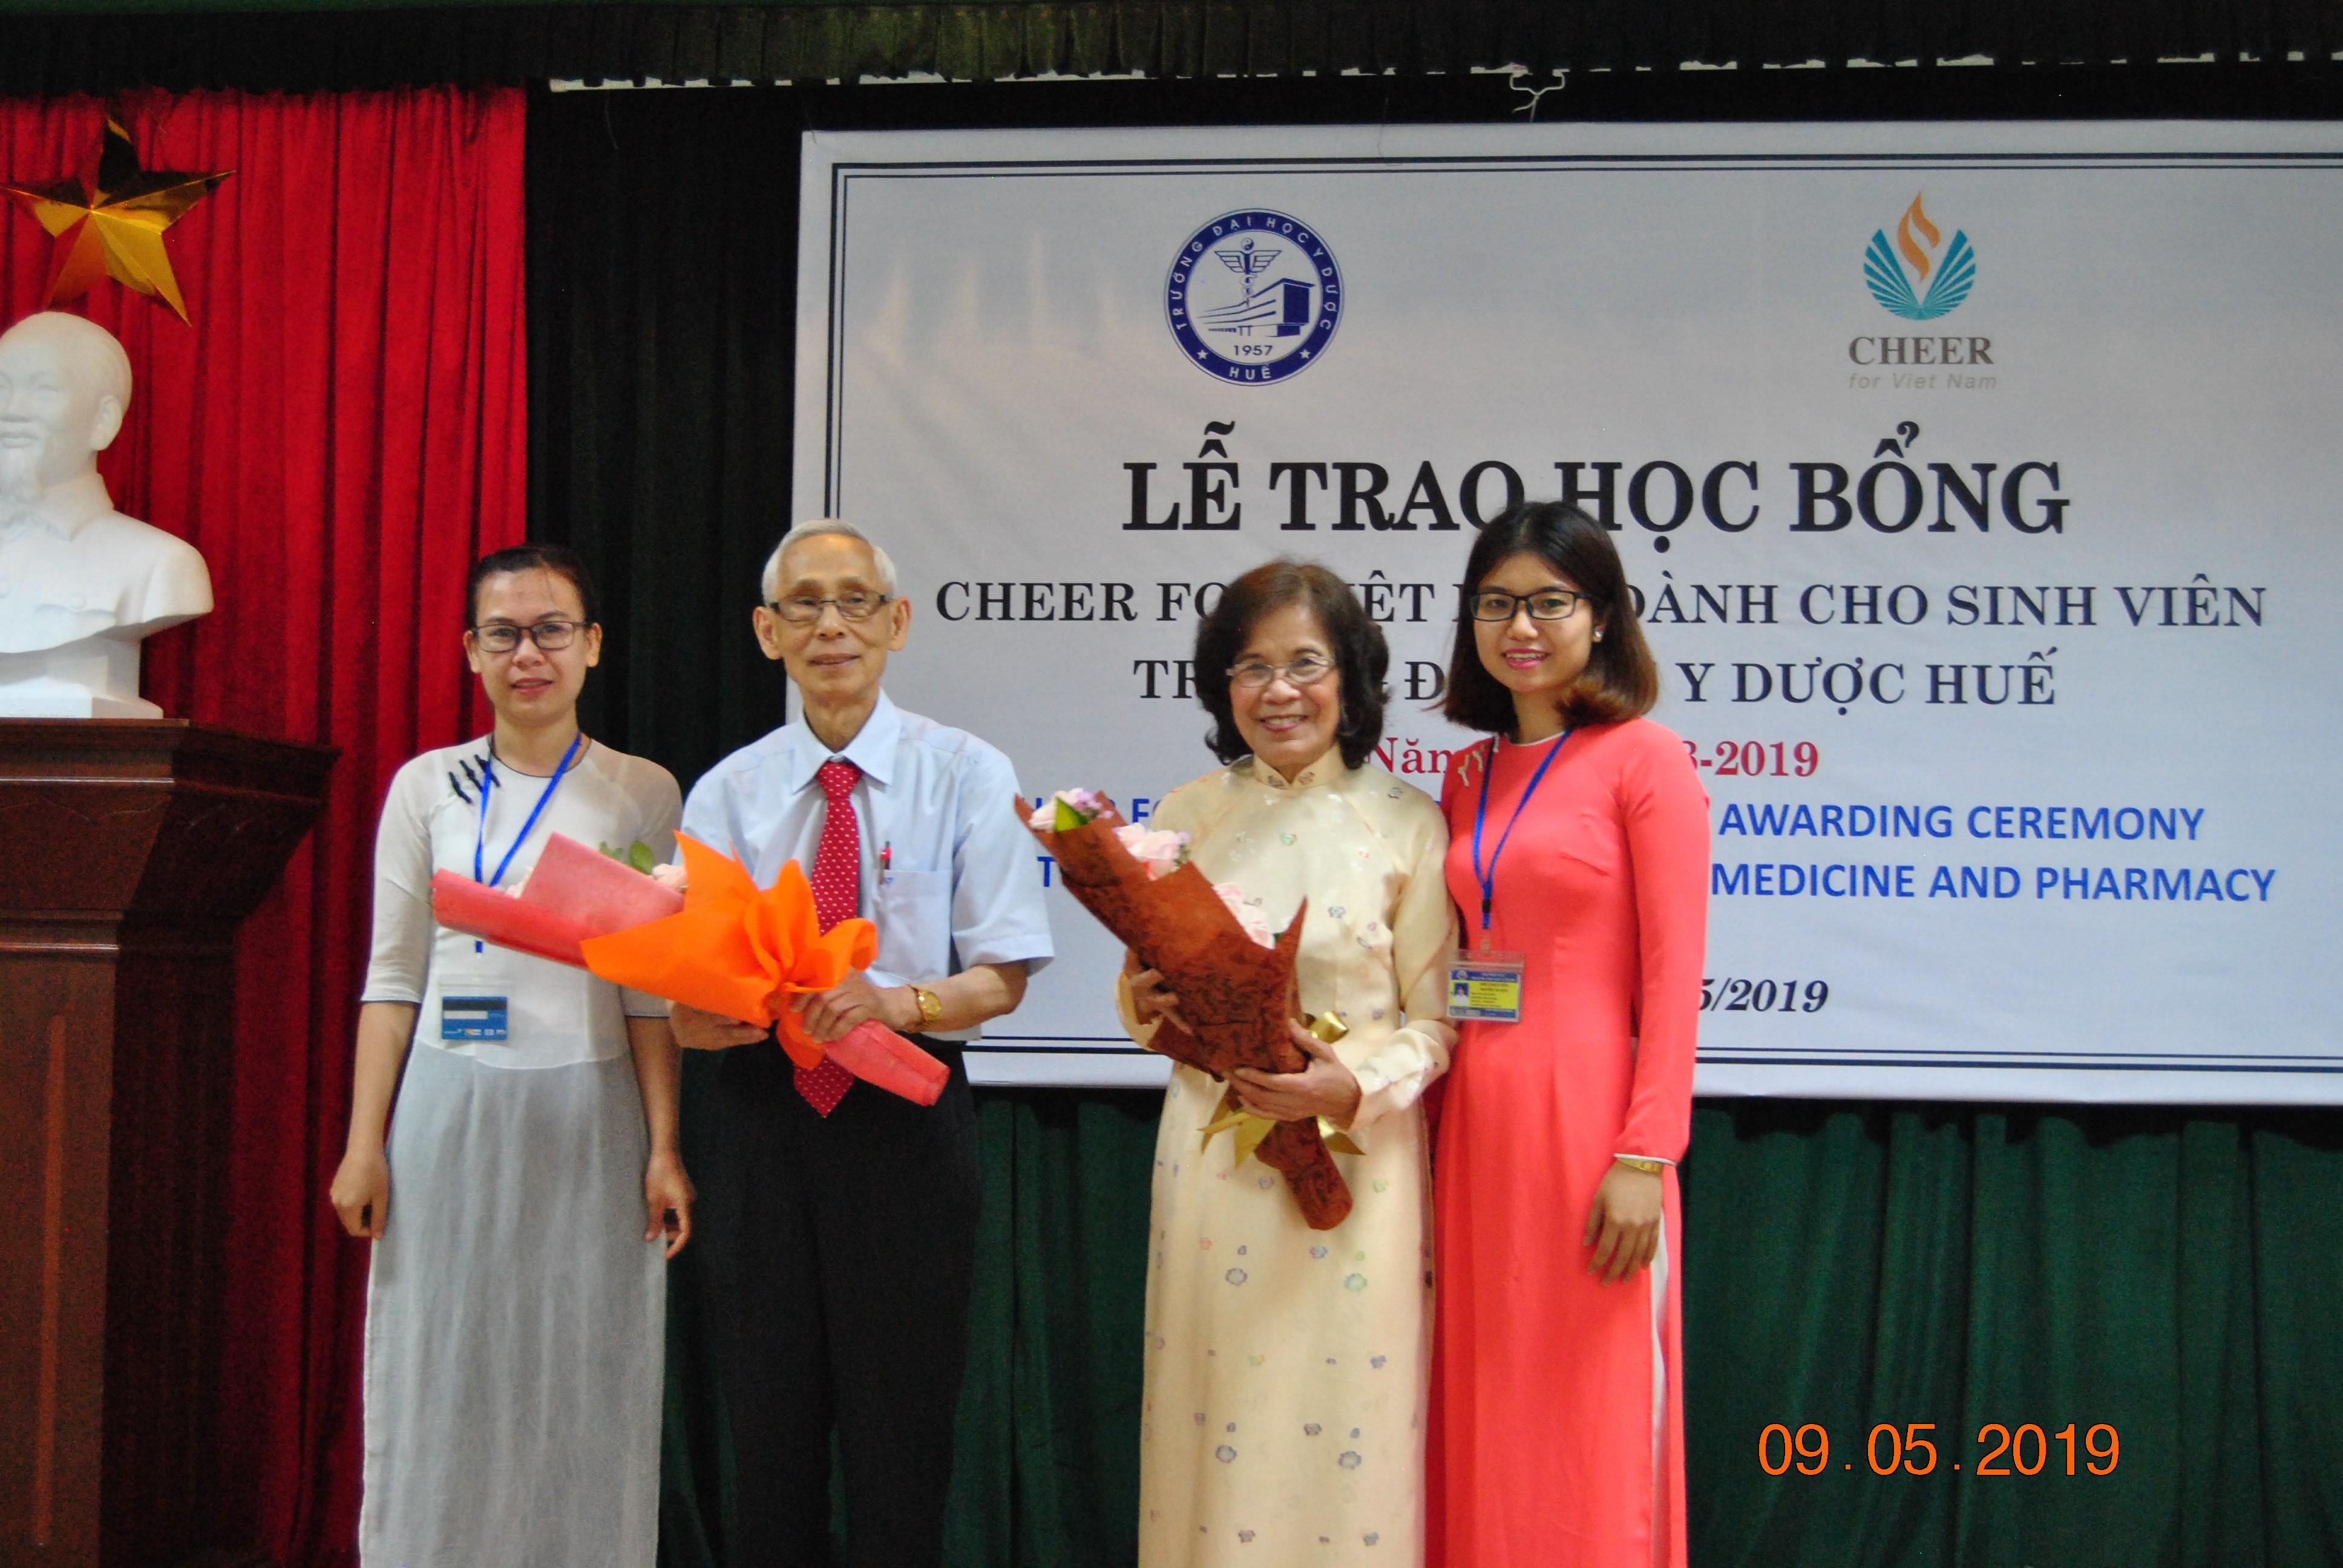 83 suất học bổng Cheer for Vietnam được trao cho sinh viên và học viên sau đại học